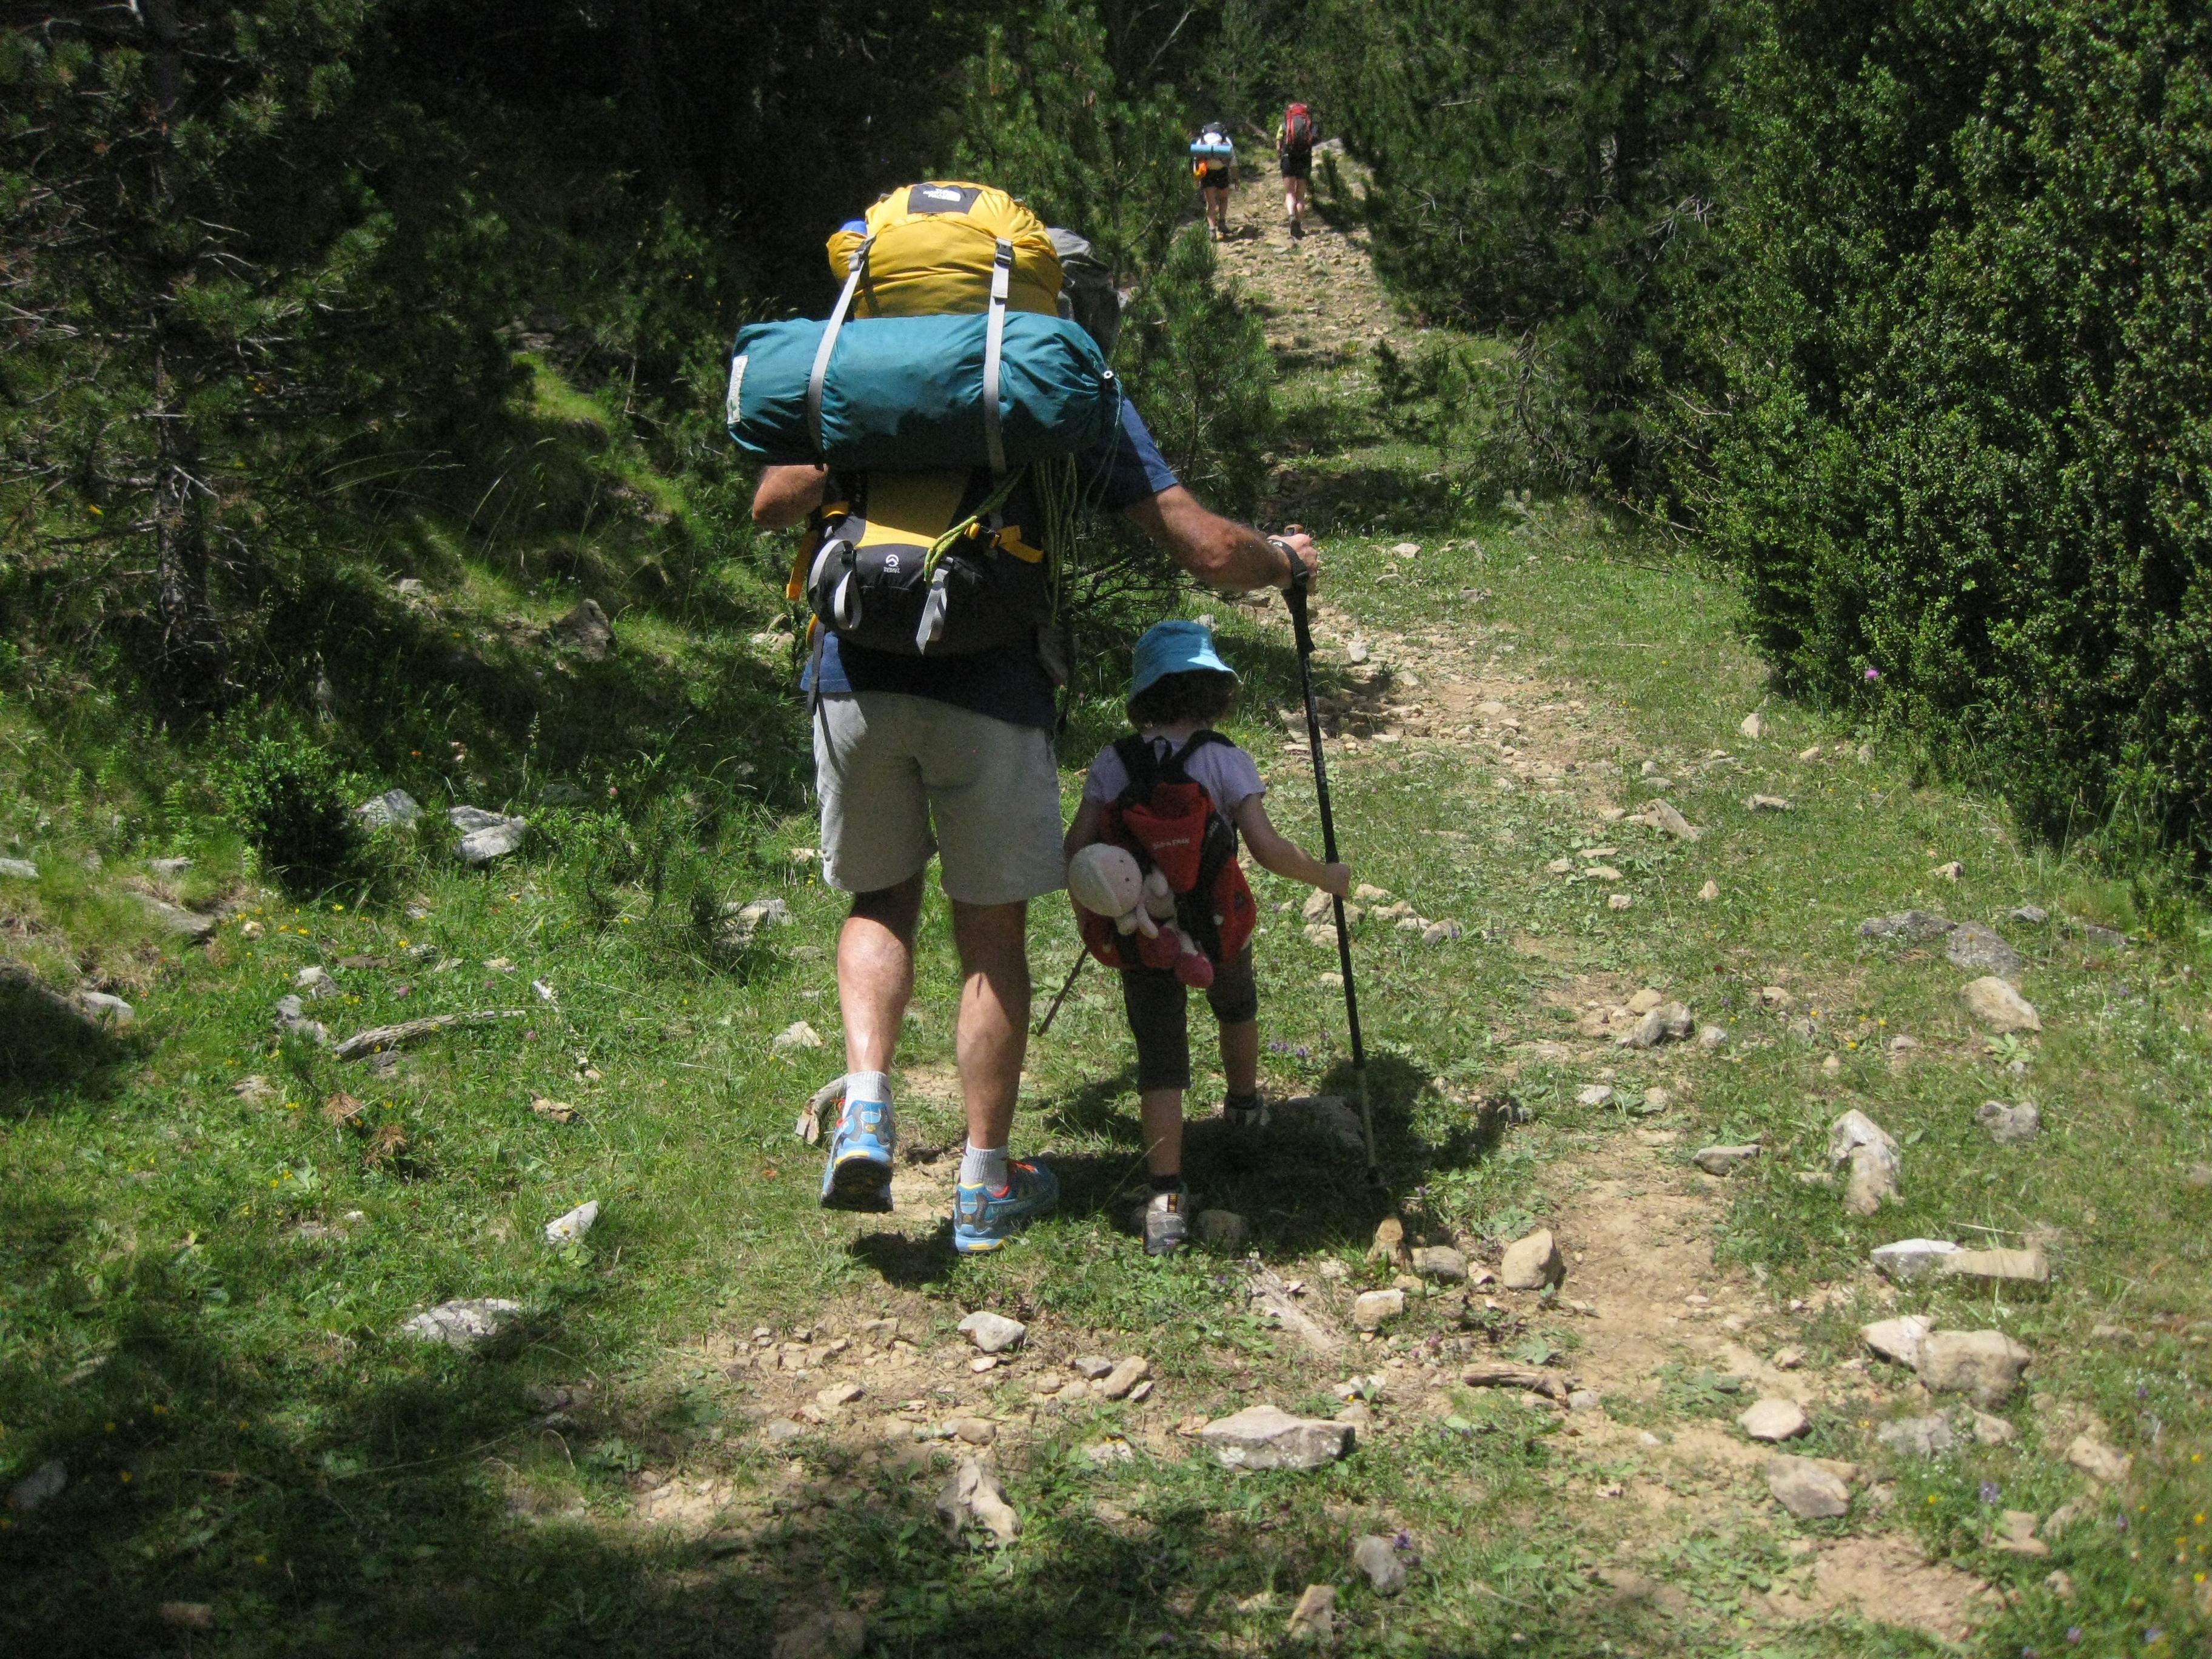 12 Cosas que meterse en la Mochila antes de irnos de Excursión a la Montaña